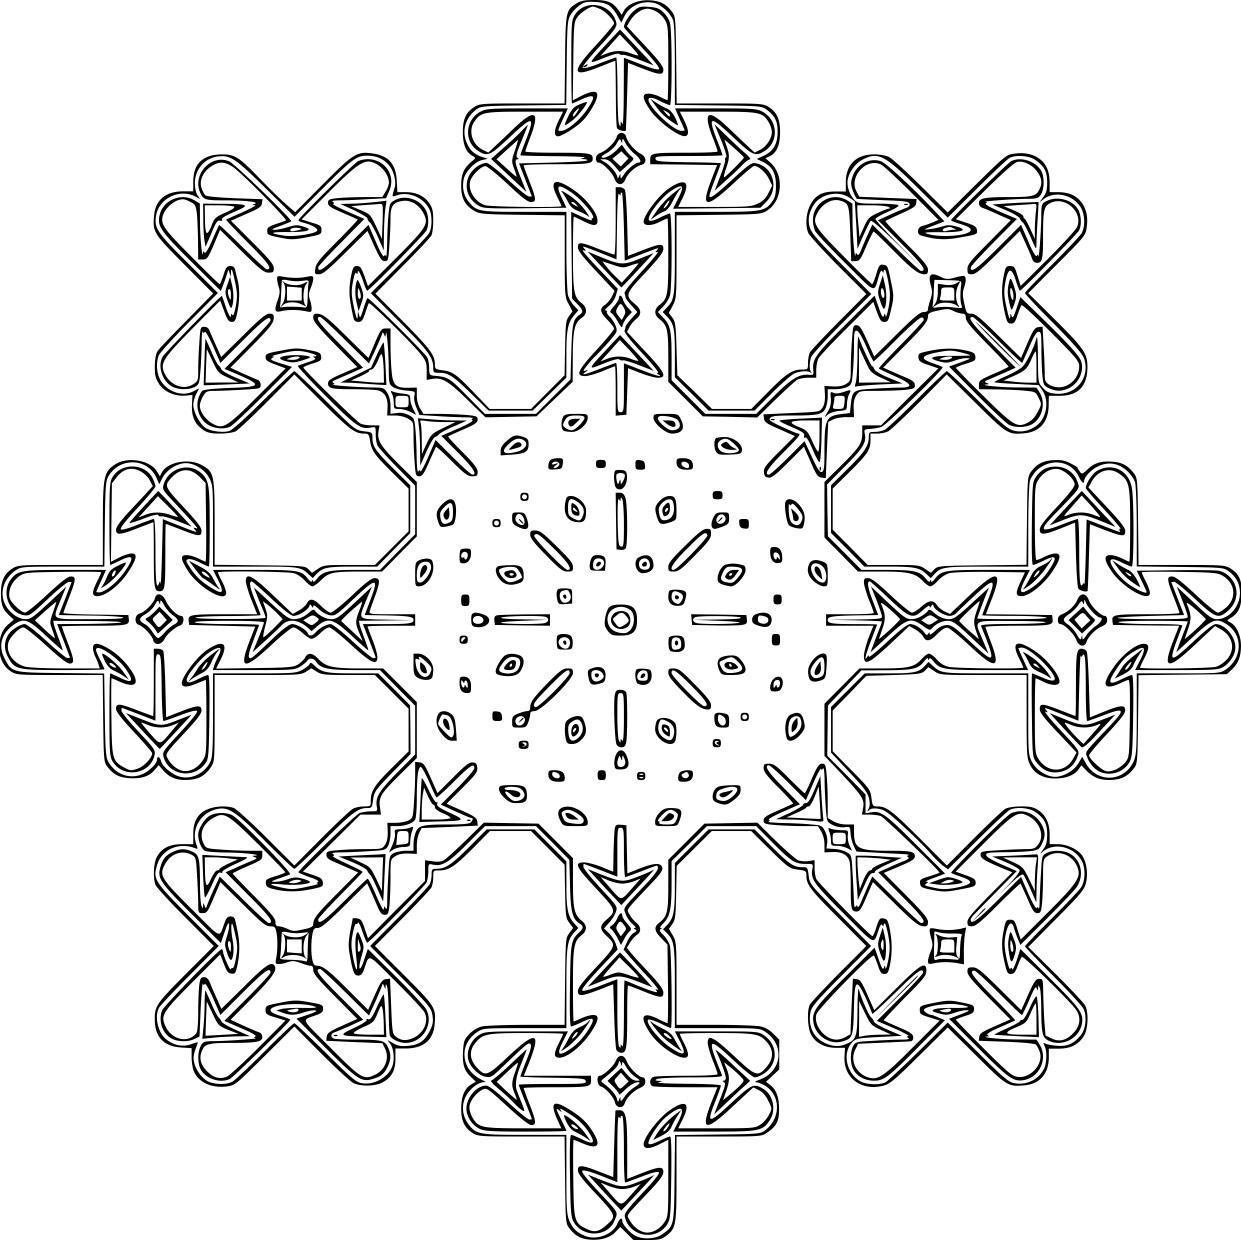 kleurplaat sneeuwvlok gratis kleurplaten om te printen